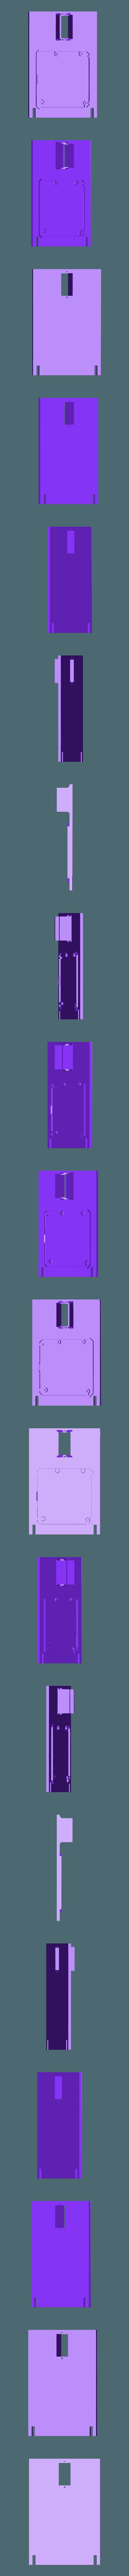 2_servo_robot.stl Télécharger fichier STL gratuit Comment faire un robot mante religieuse • Design imprimable en 3D, speedkornet